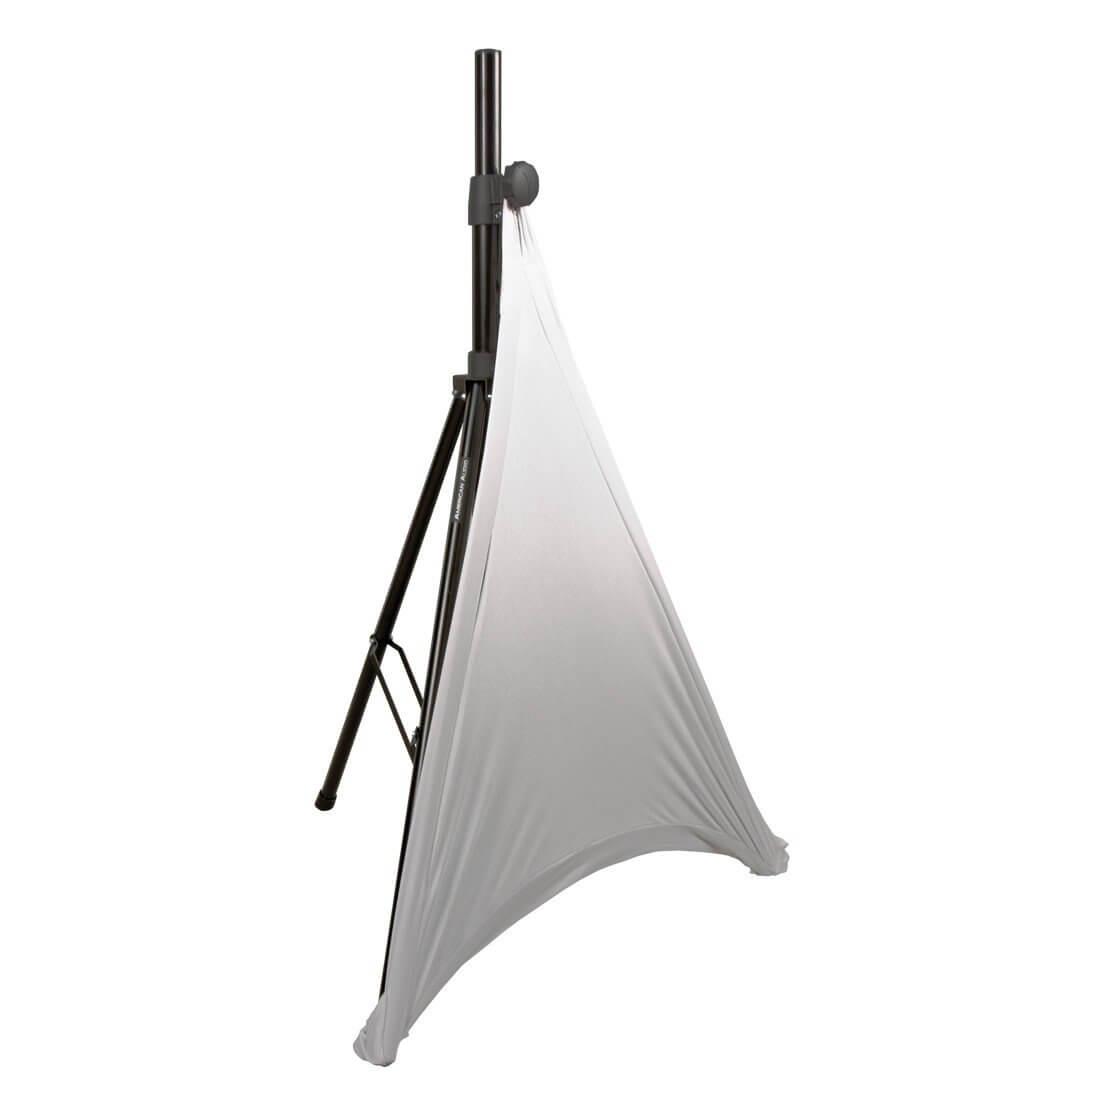 American Audio Tripod Speaker Stand Cover White